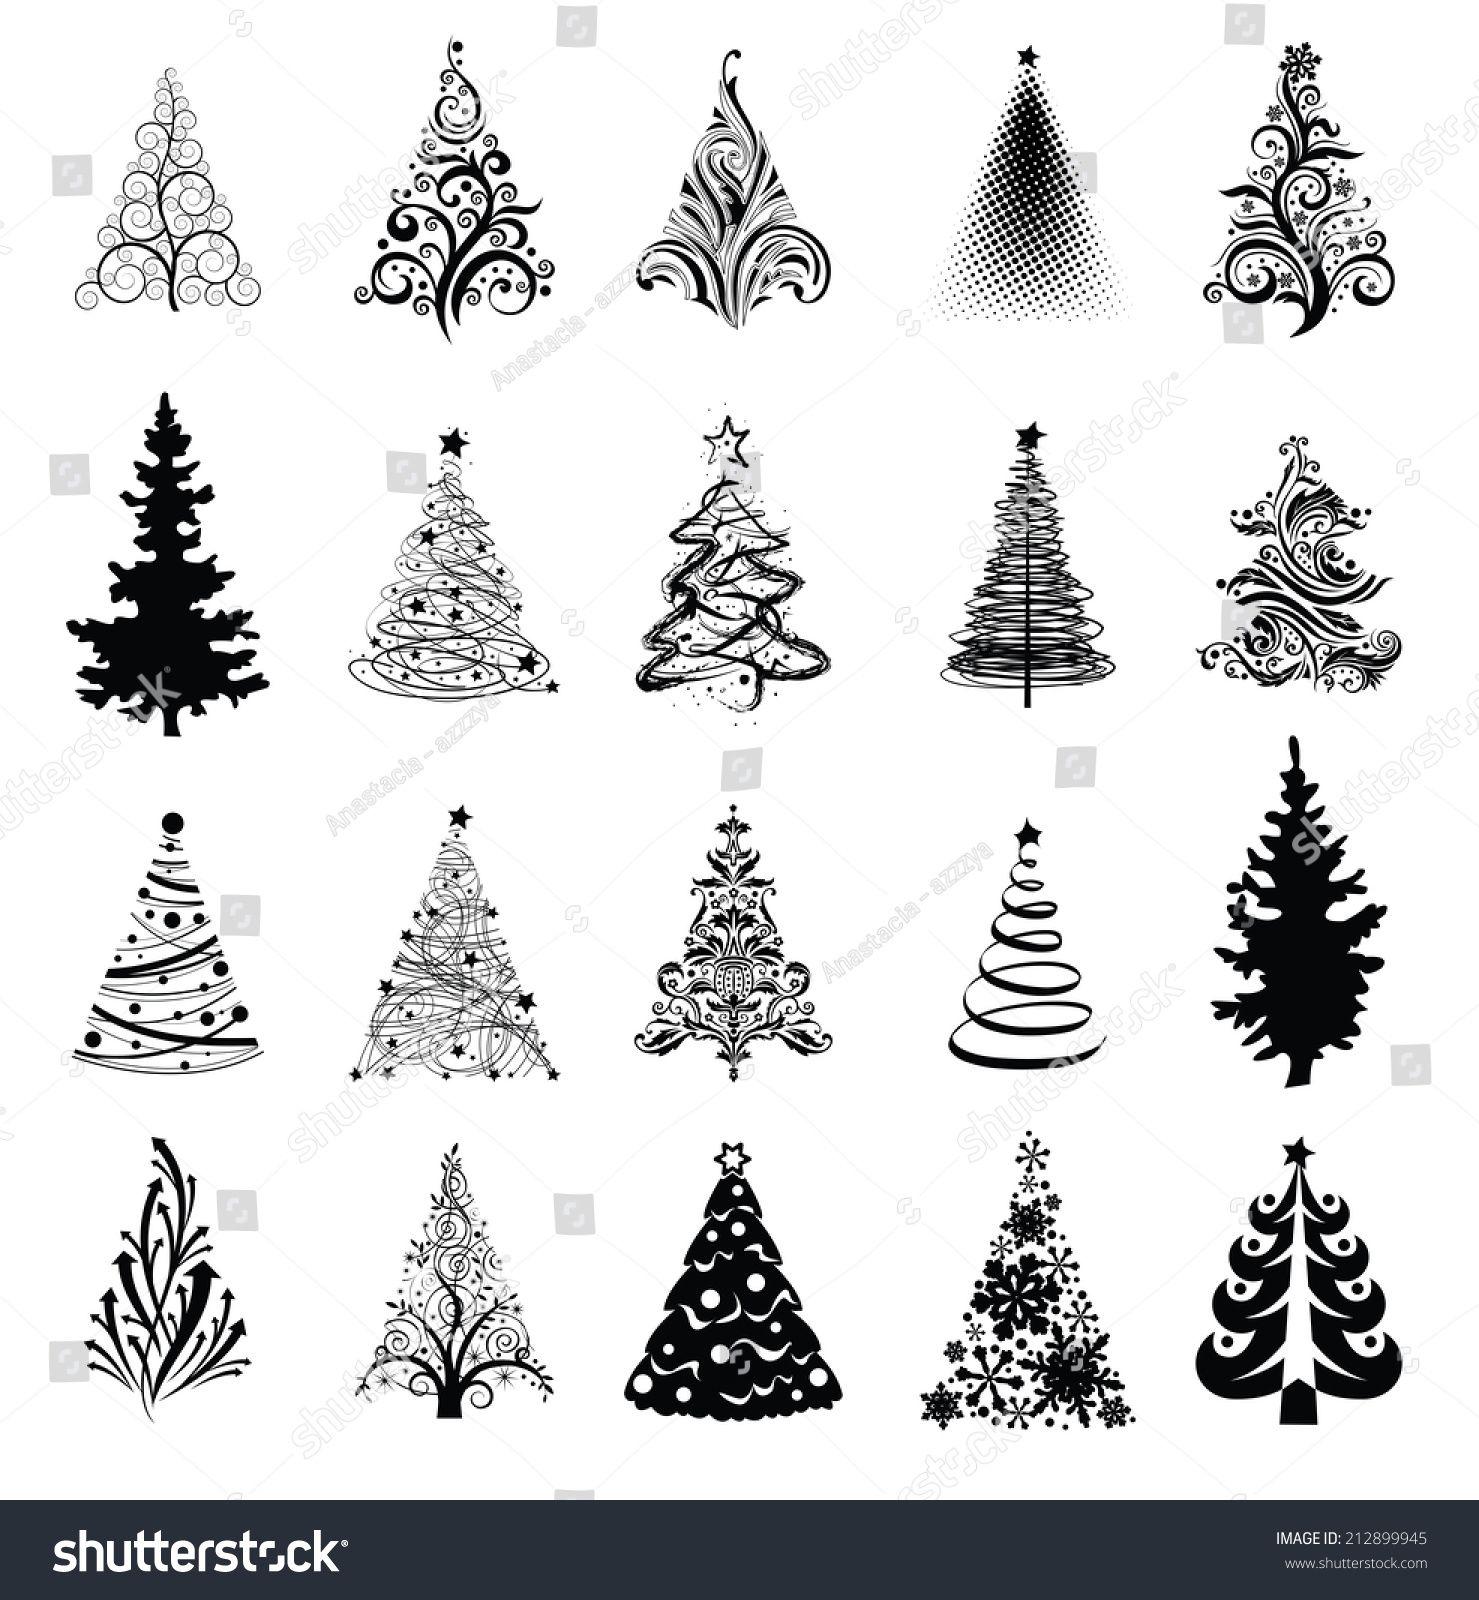 Various Stylized Christmas Trees Vector Eps8 Dessin Sapin De Noel Dessin Noel Carte Noel